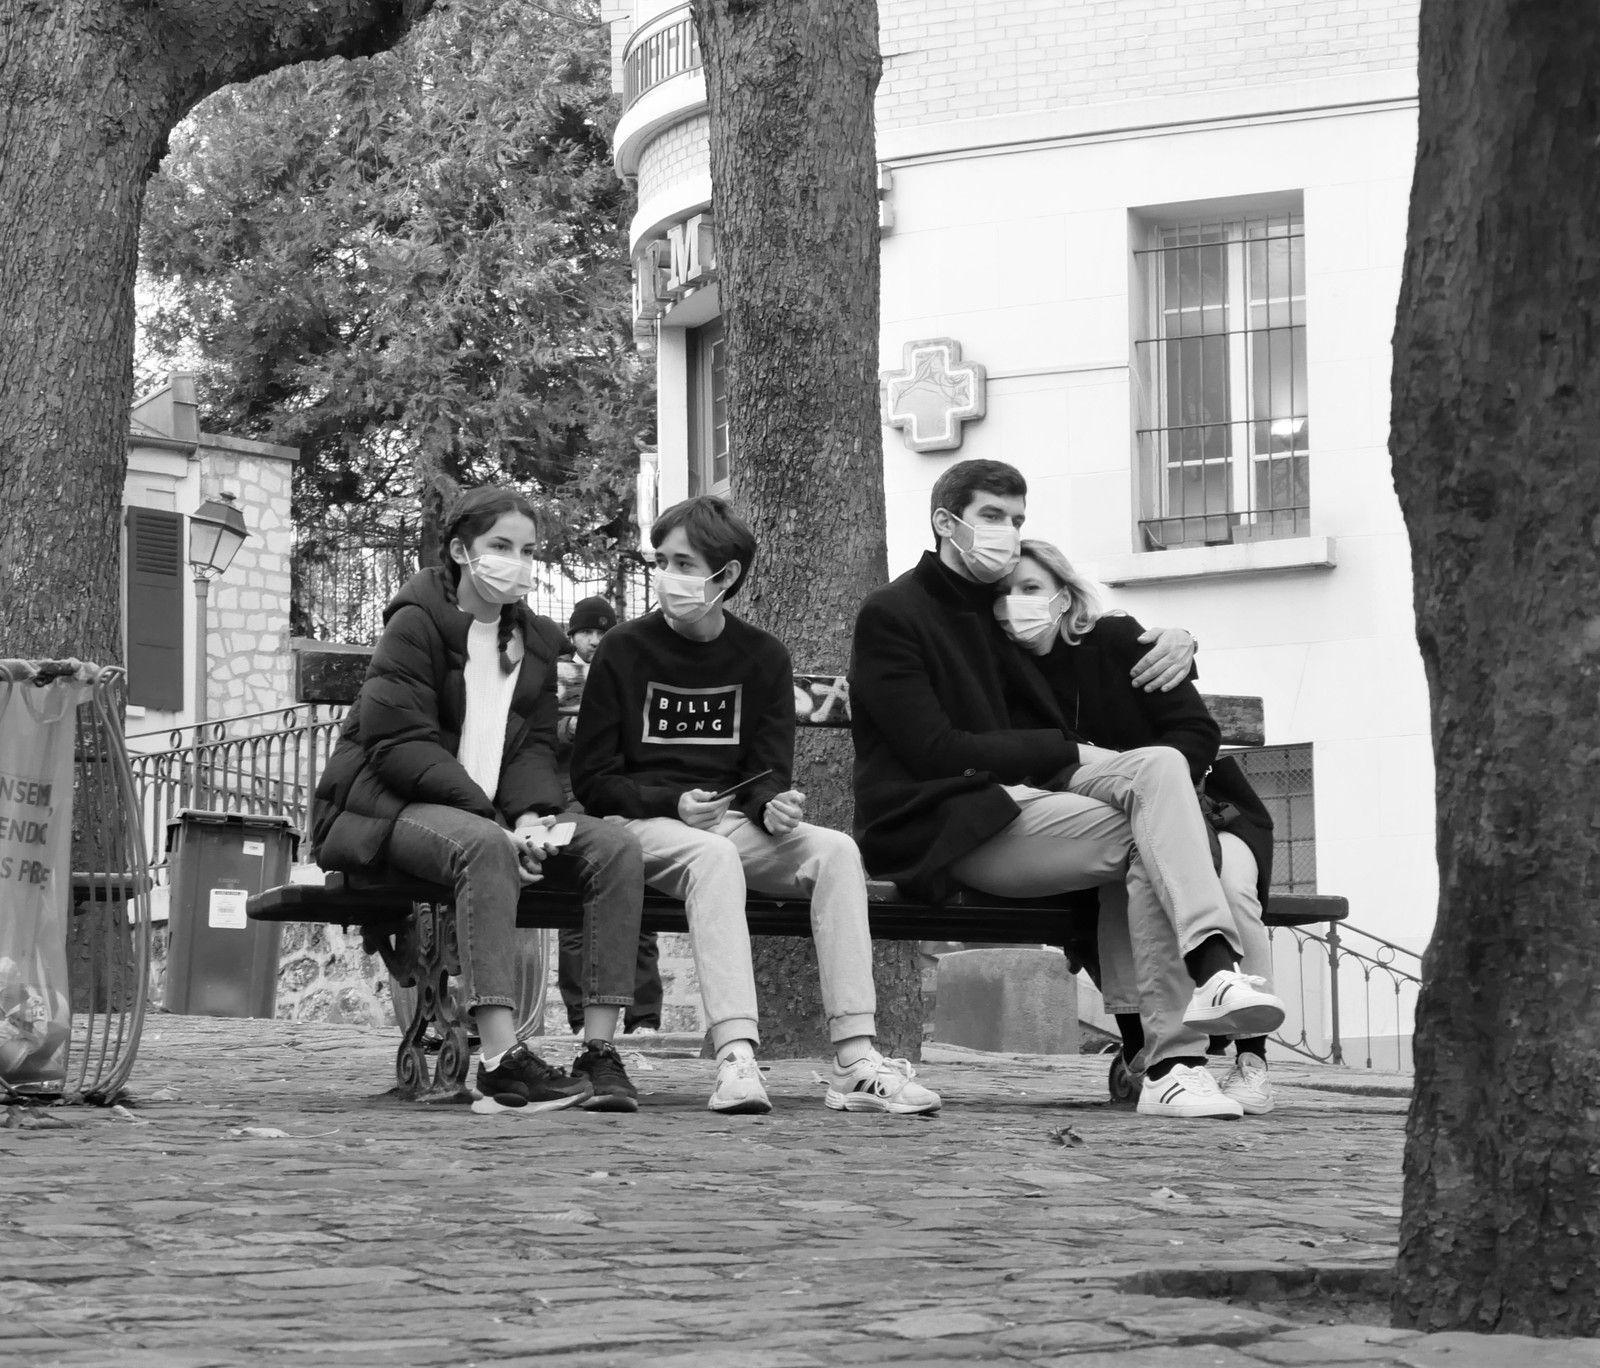 Novembre 2020. Photos jour après jour à Montmartre.